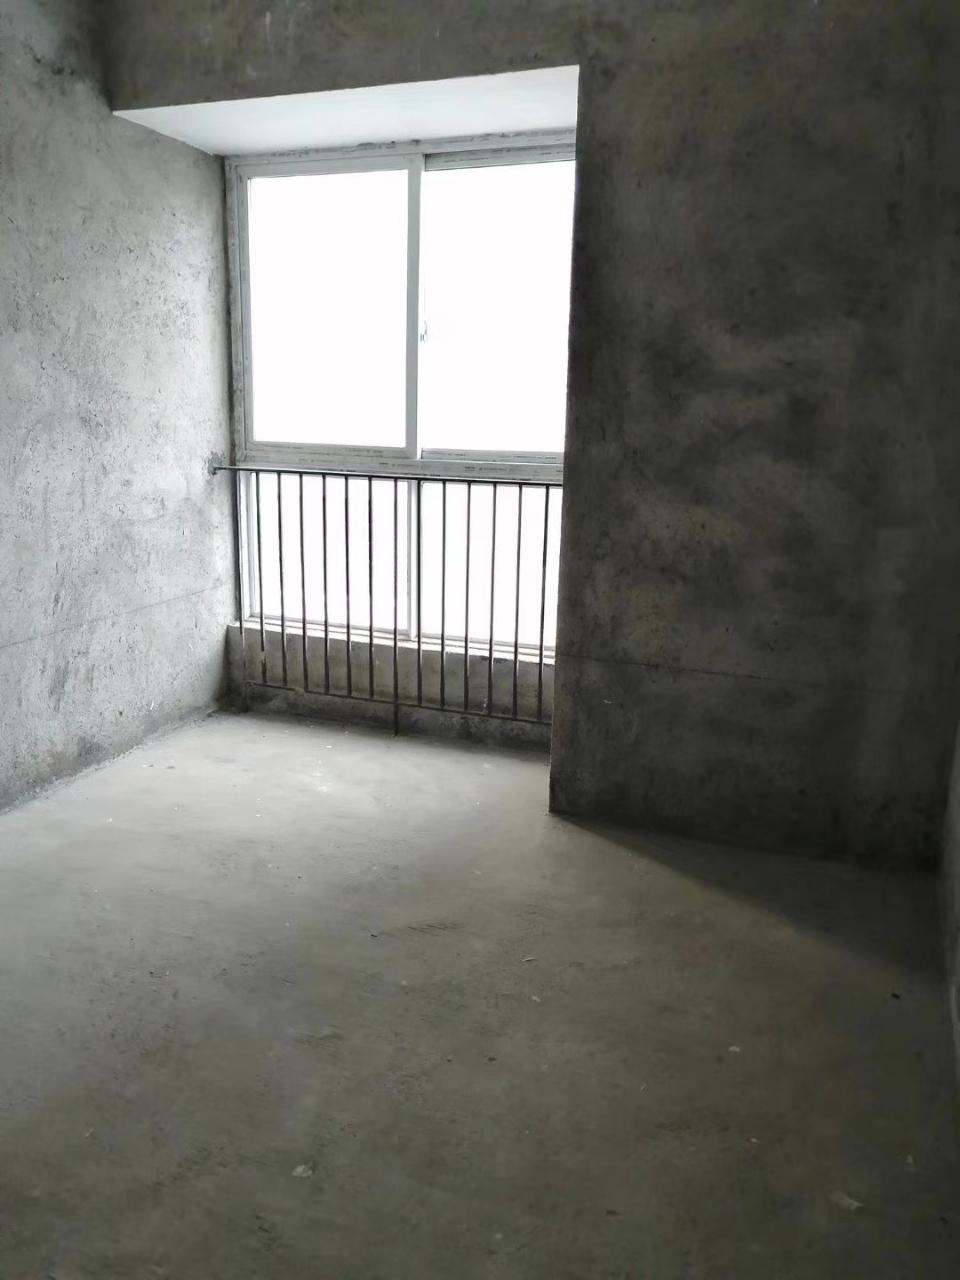 天生湖清水3室2厅仅售42.8万,超?#22270;郟?#36229;值房!